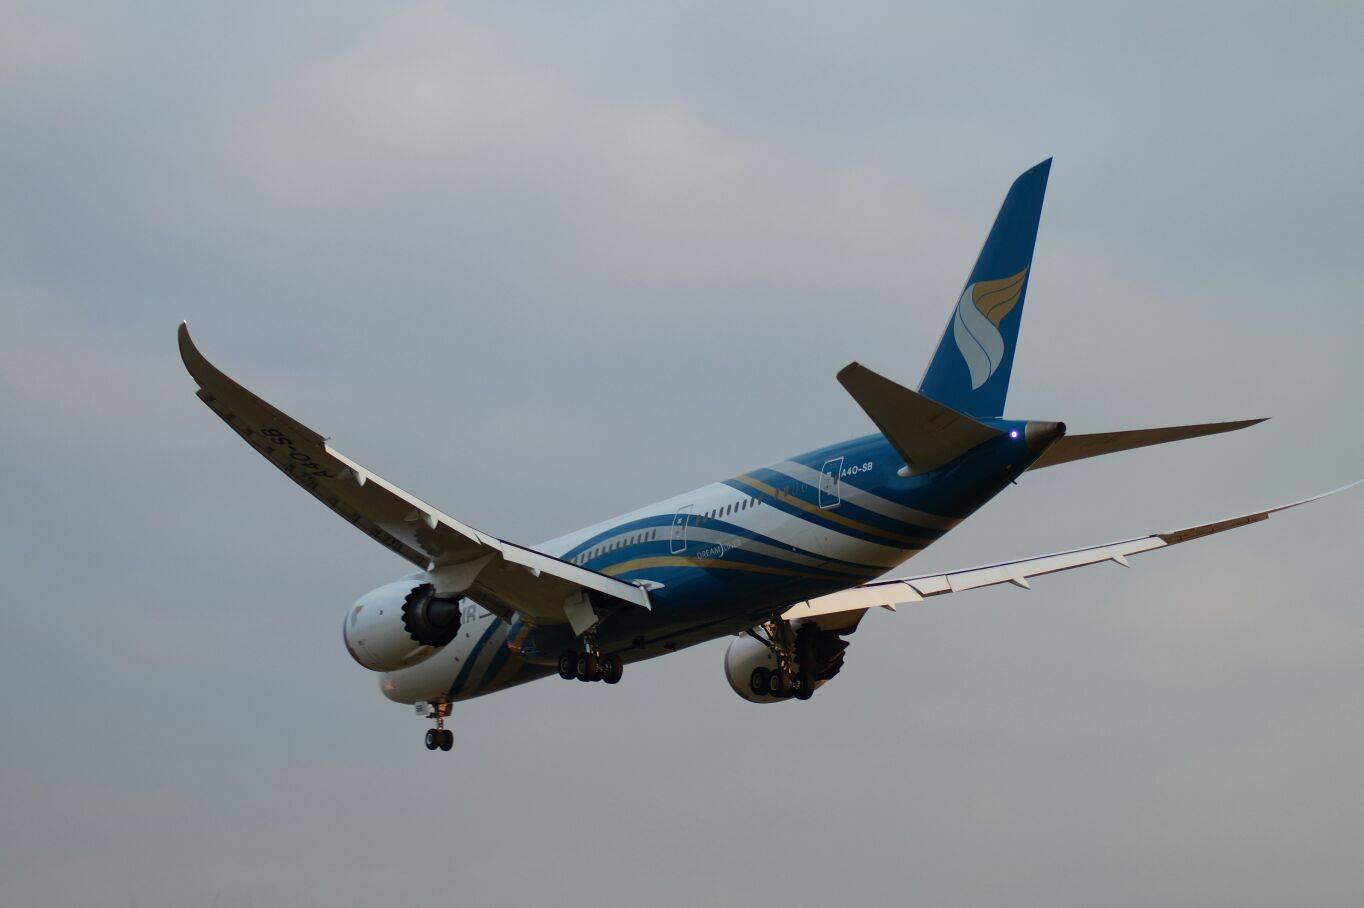 Creştere spectaculoasă a traficului aerian pe Aeroportul Timişoara. Peste 60% mai mulți pasageri decât anul trecut